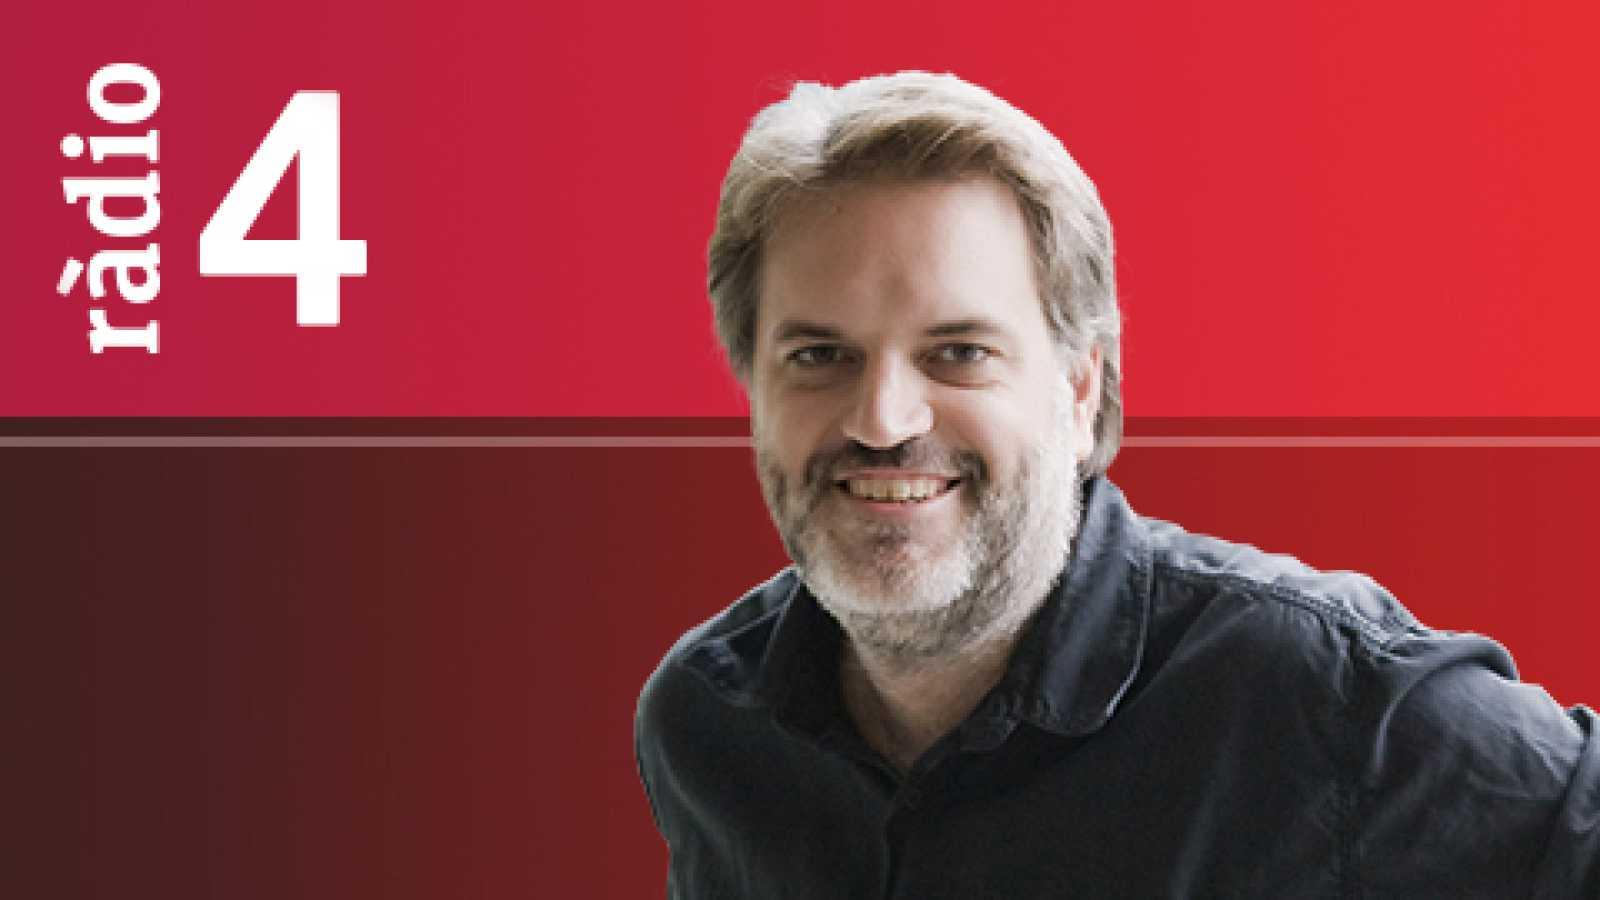 El matí a Ràdio 4 - Ciberatacs. Pronòstic rebrots. Entrevista literaria.